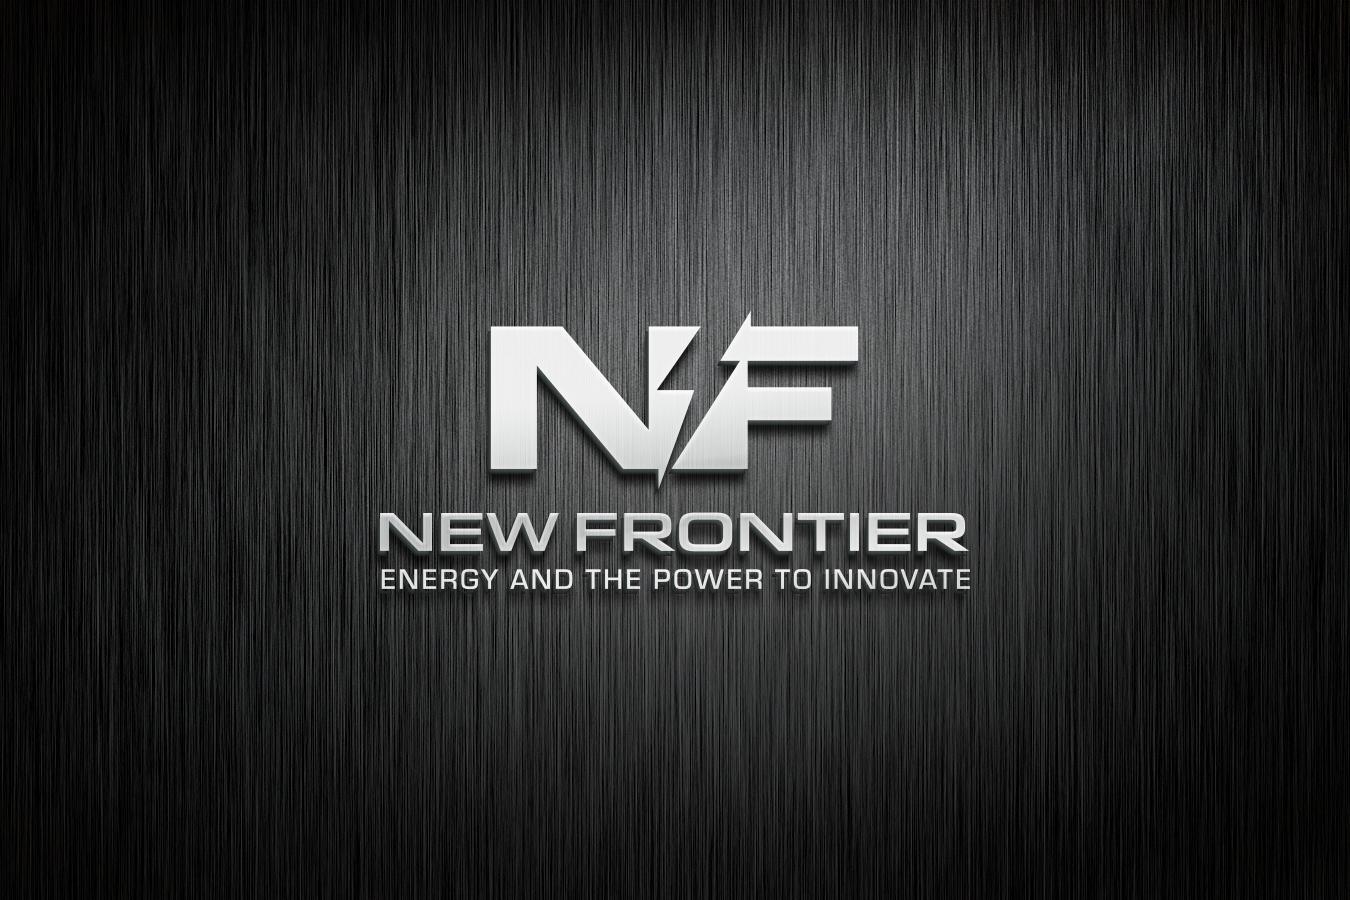 3D Mockup New Frontier